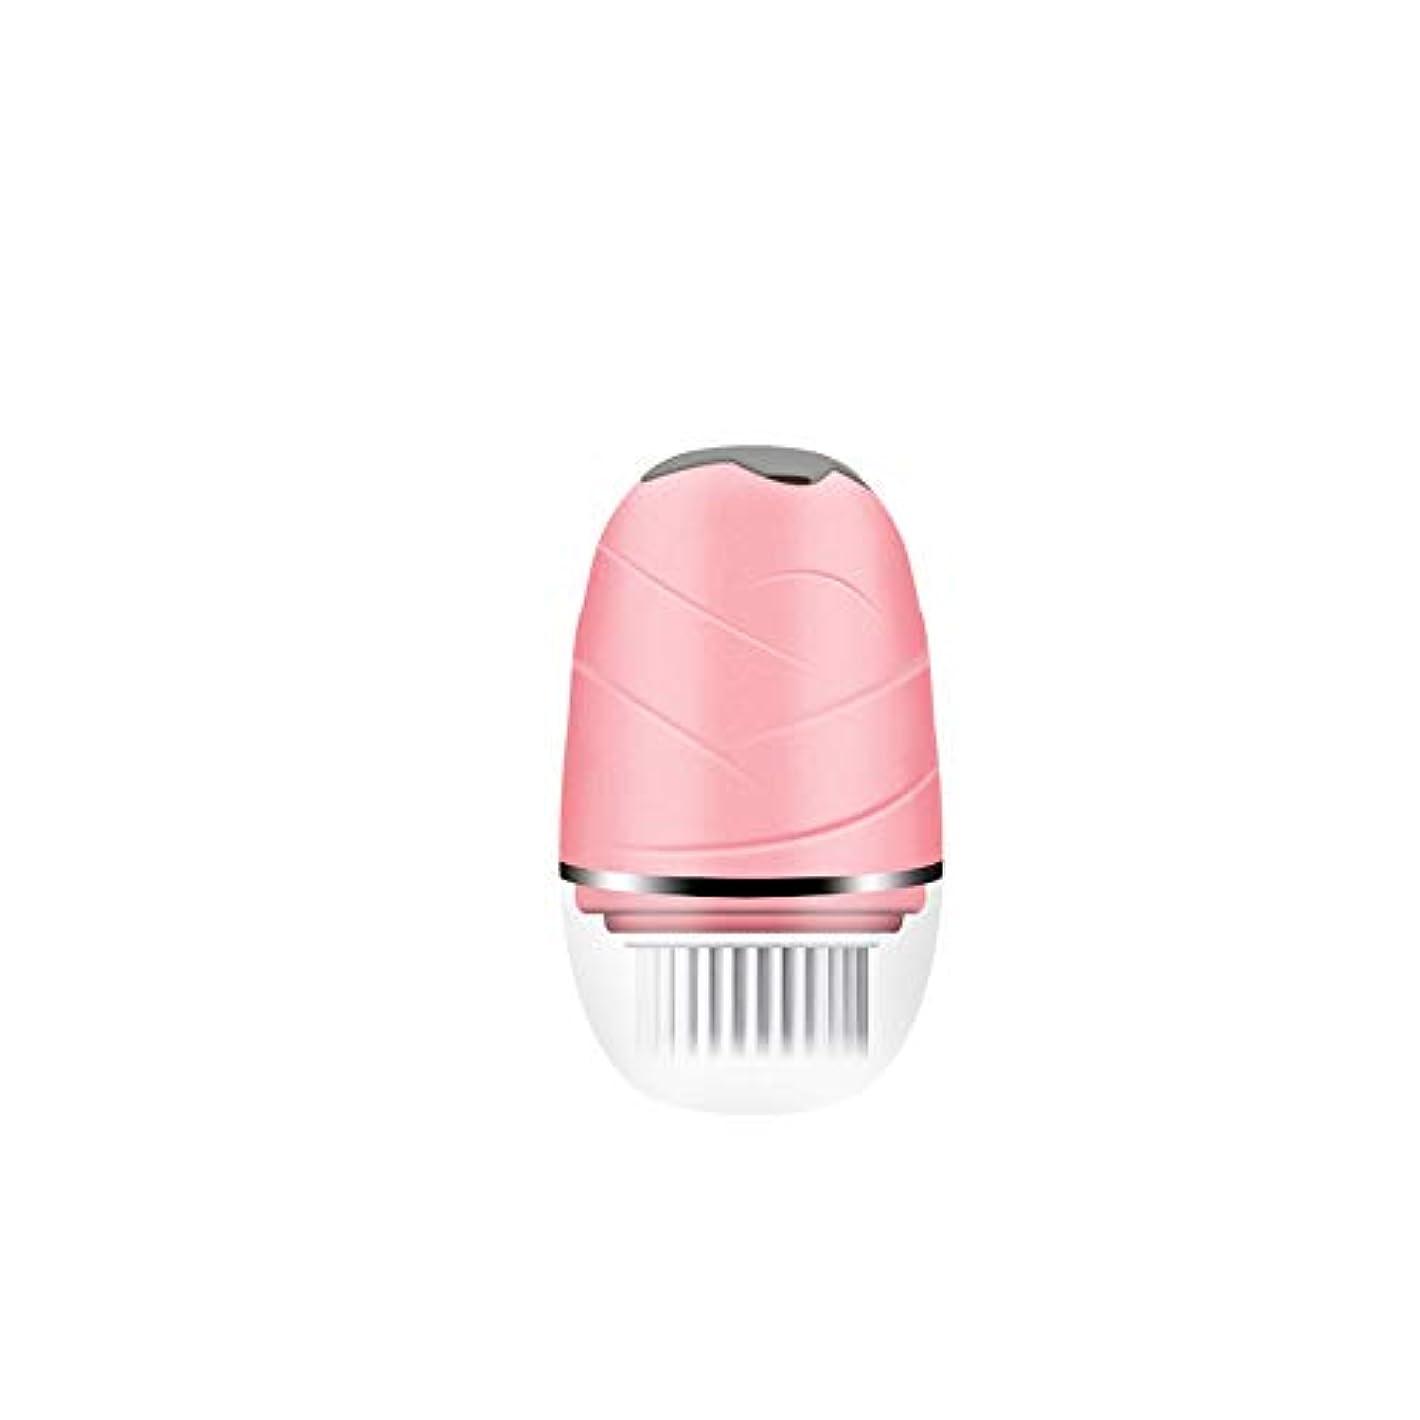 受けるに対処する十一洗顔ブラシ、3つのブラシヘッドを備えた防水フェイスブラシ、フェイスクリーニング、角質除去、マッサージのためのポータブル電動回転フェイススクラバー,ピンク